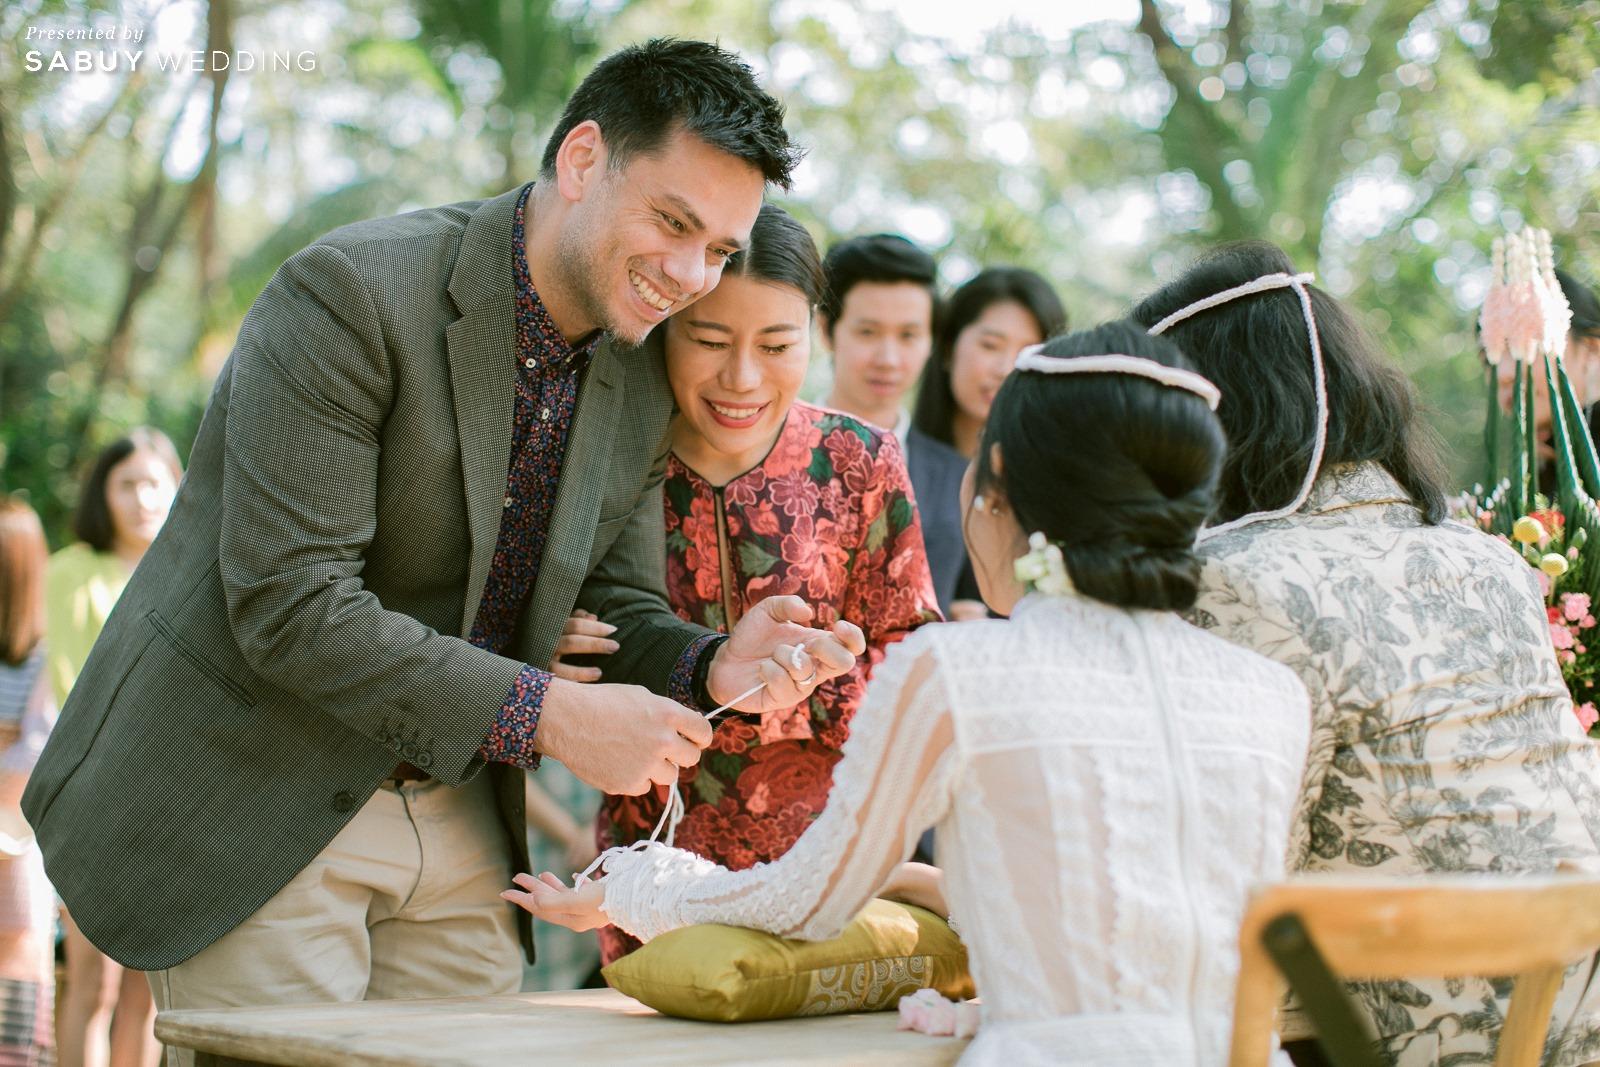 สถานที่จัดงานแต่งงาน,ชุดบ่าวสาว รีวิวงานแต่ง Outdoor บรรยากาศอบอุ่น ดีไซน์คุมธีมธรรมชาติ @ Lampang River Lodge